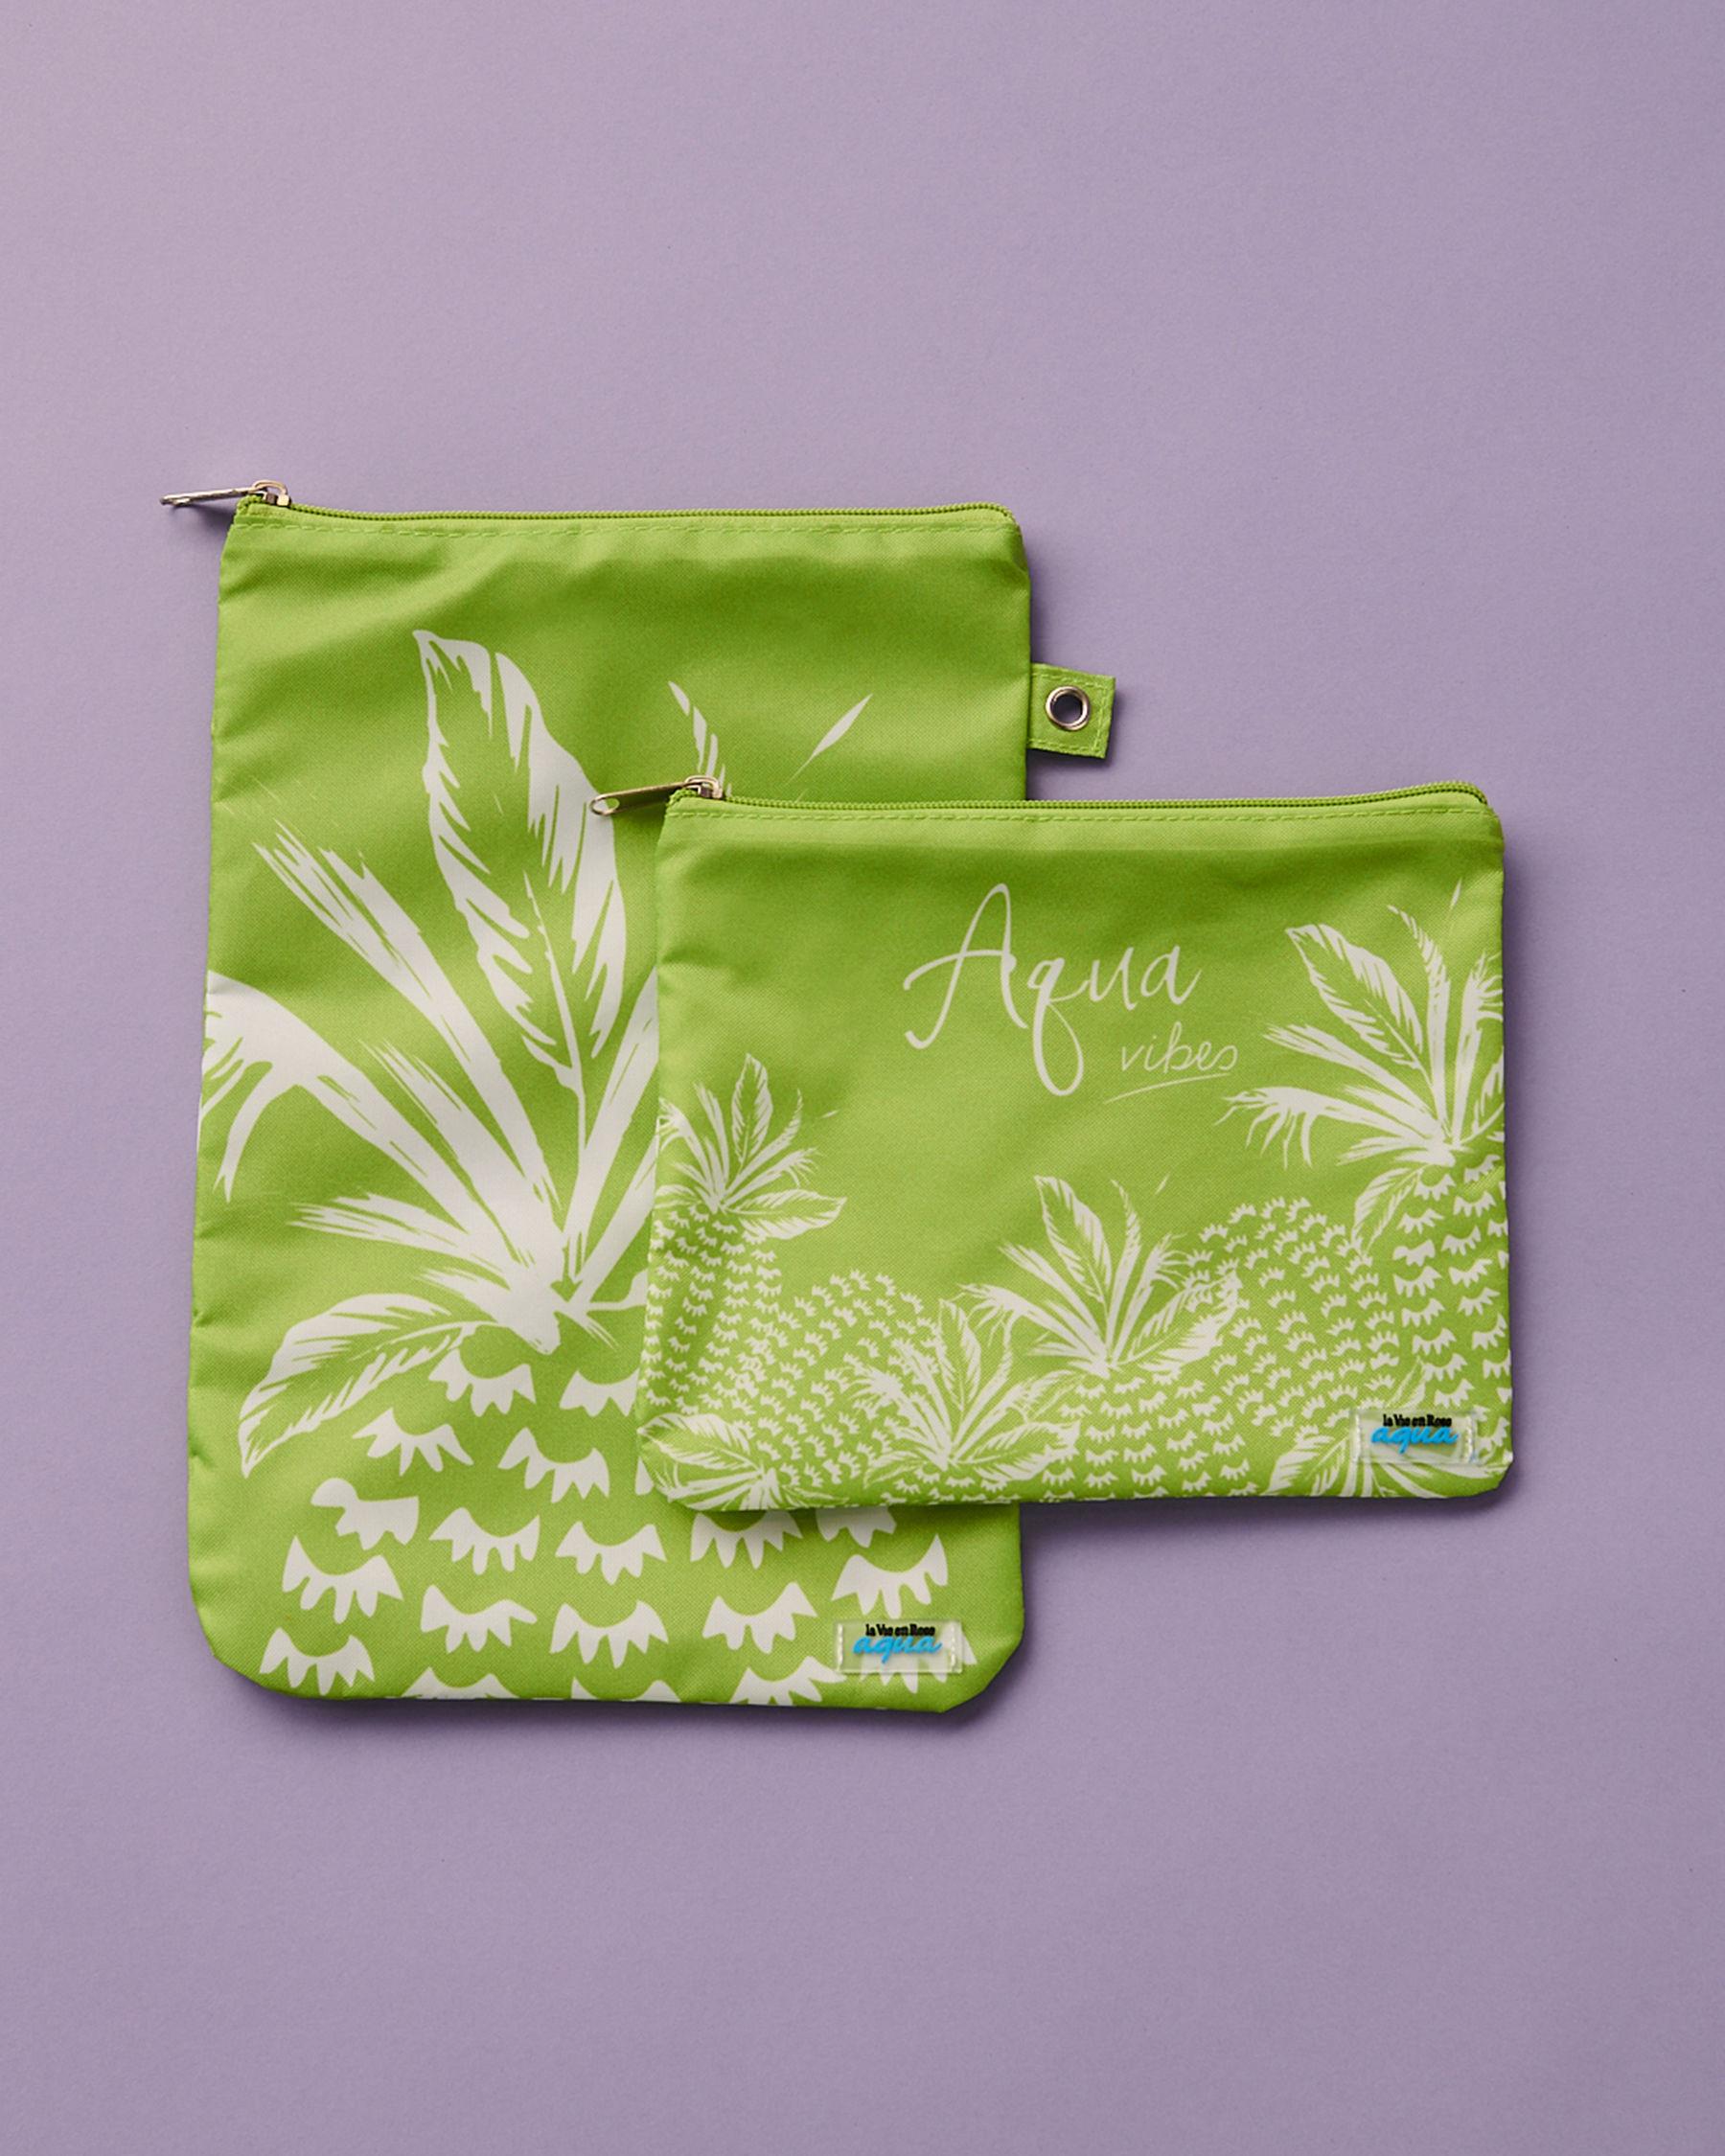 LA VIE EN ROSE AQUA Pineapple Wet Pouch Lime 80500011 - View2